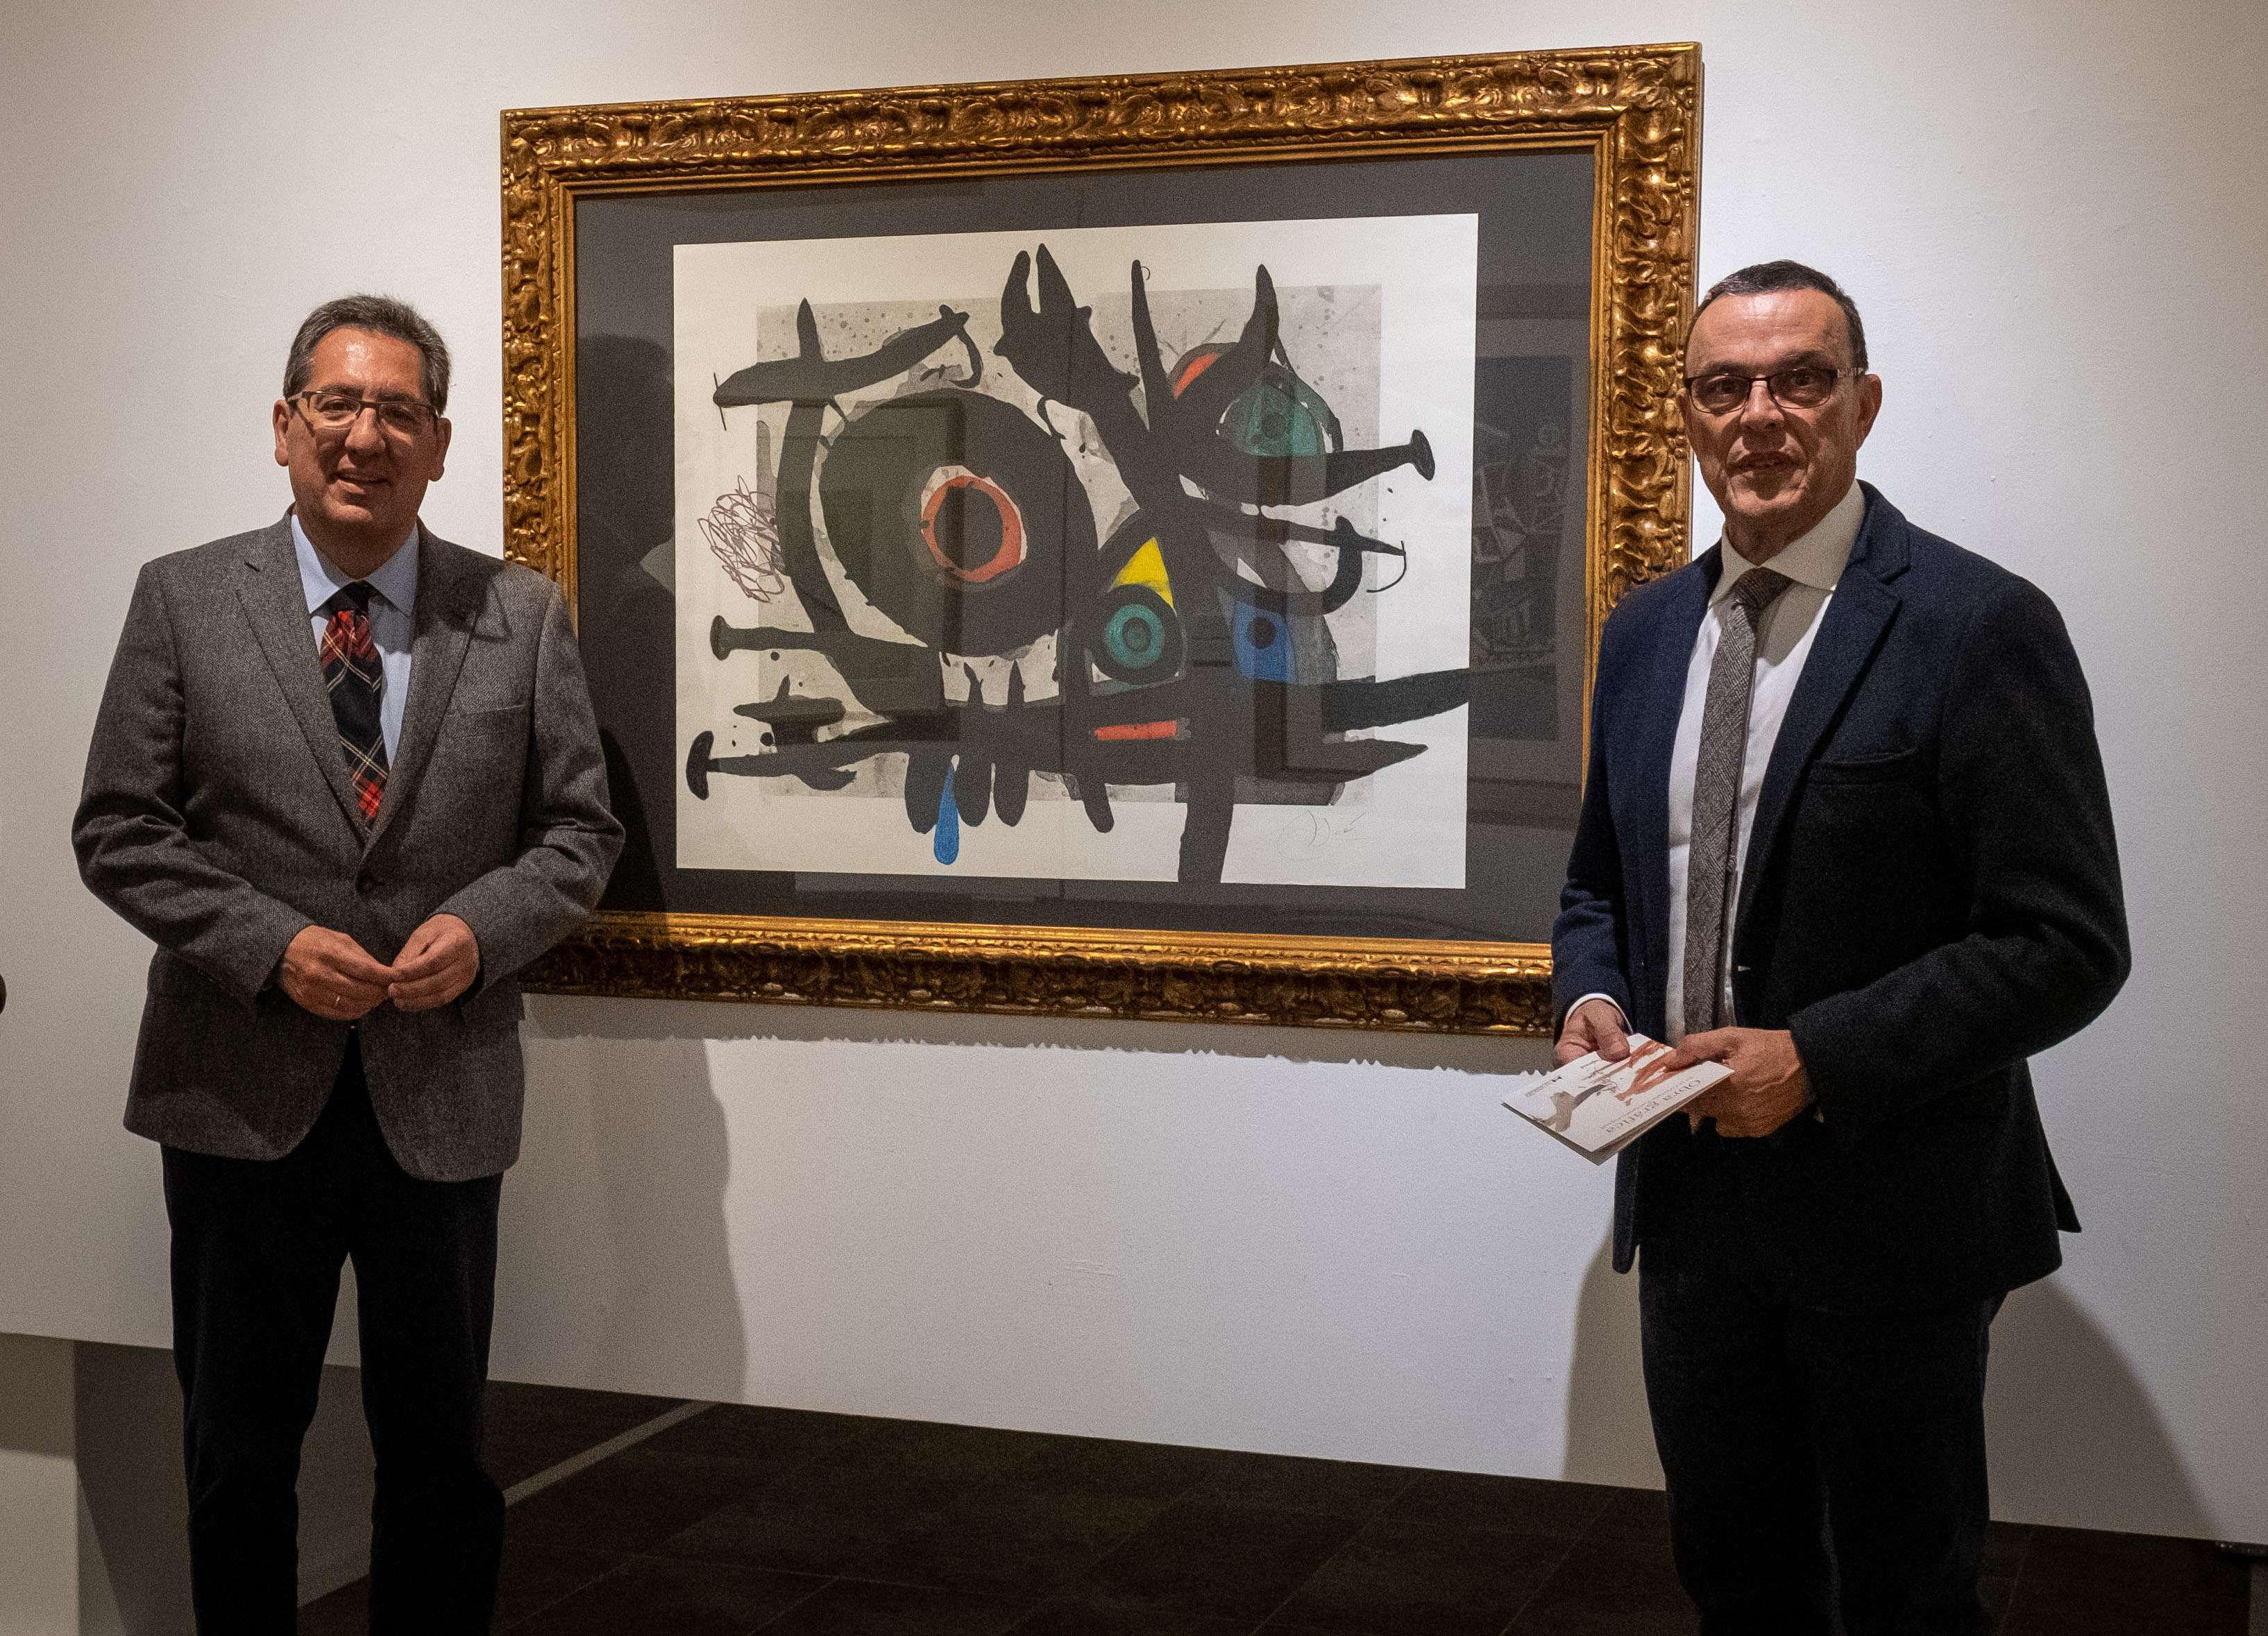 La muestra, que reúne 160 piezas del fondo menos conocido de la Fundación, ha sido inaugurada por los presidentes de ambas instituciones, Ignacio Caraballo y Antonio Pulido.